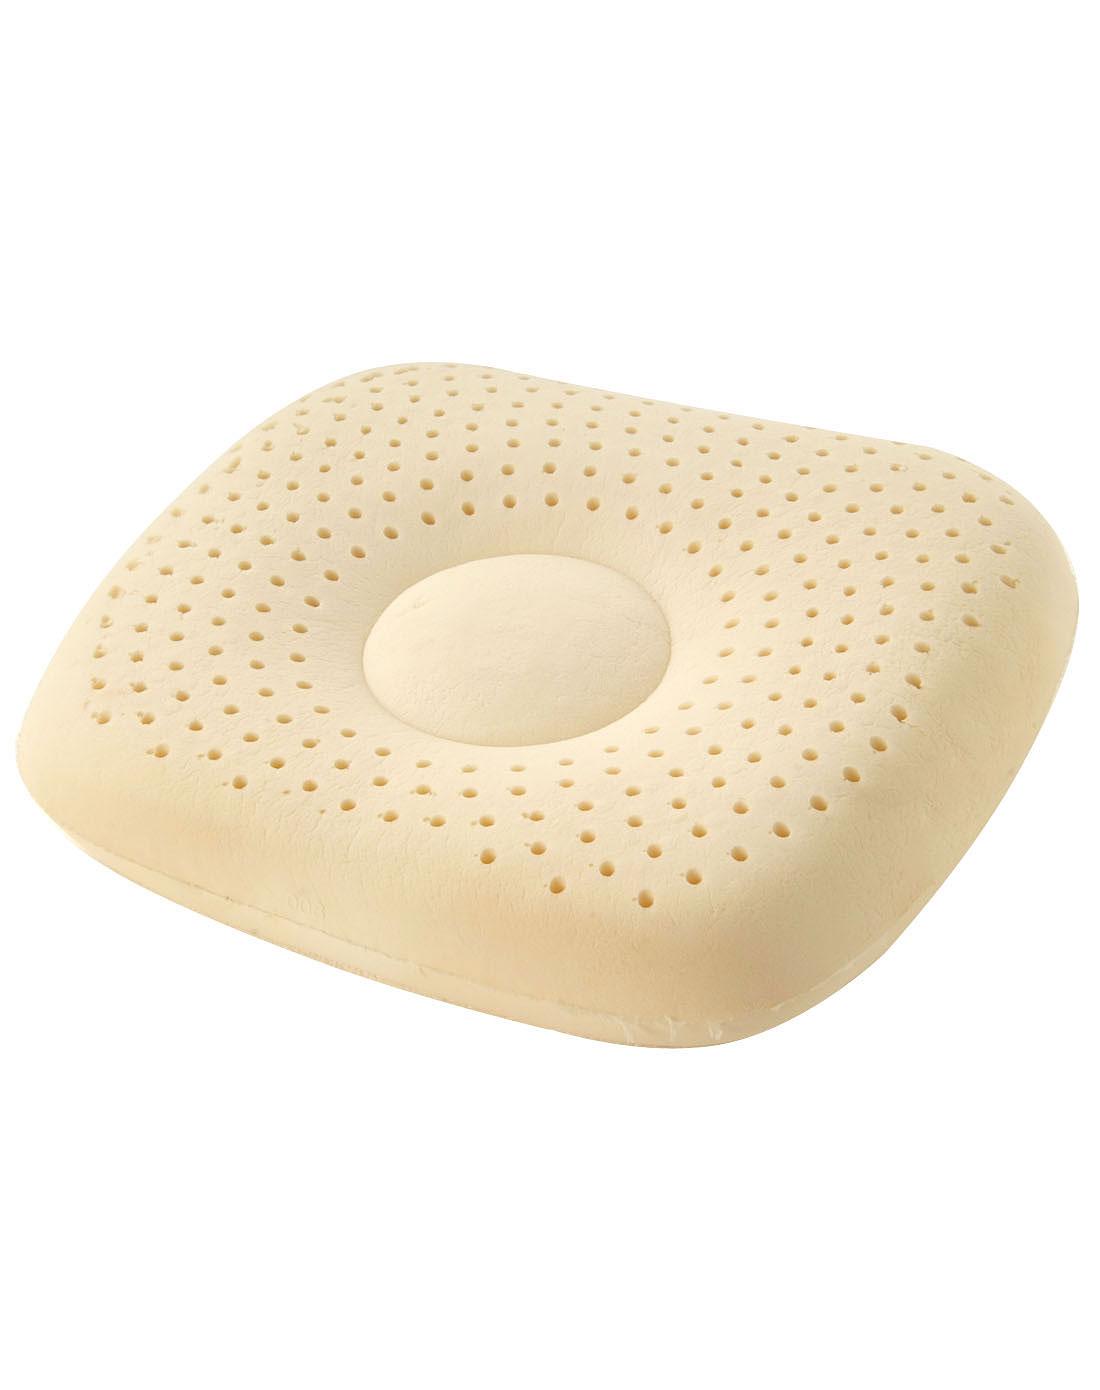 米白色天然乳胶婴儿定型枕